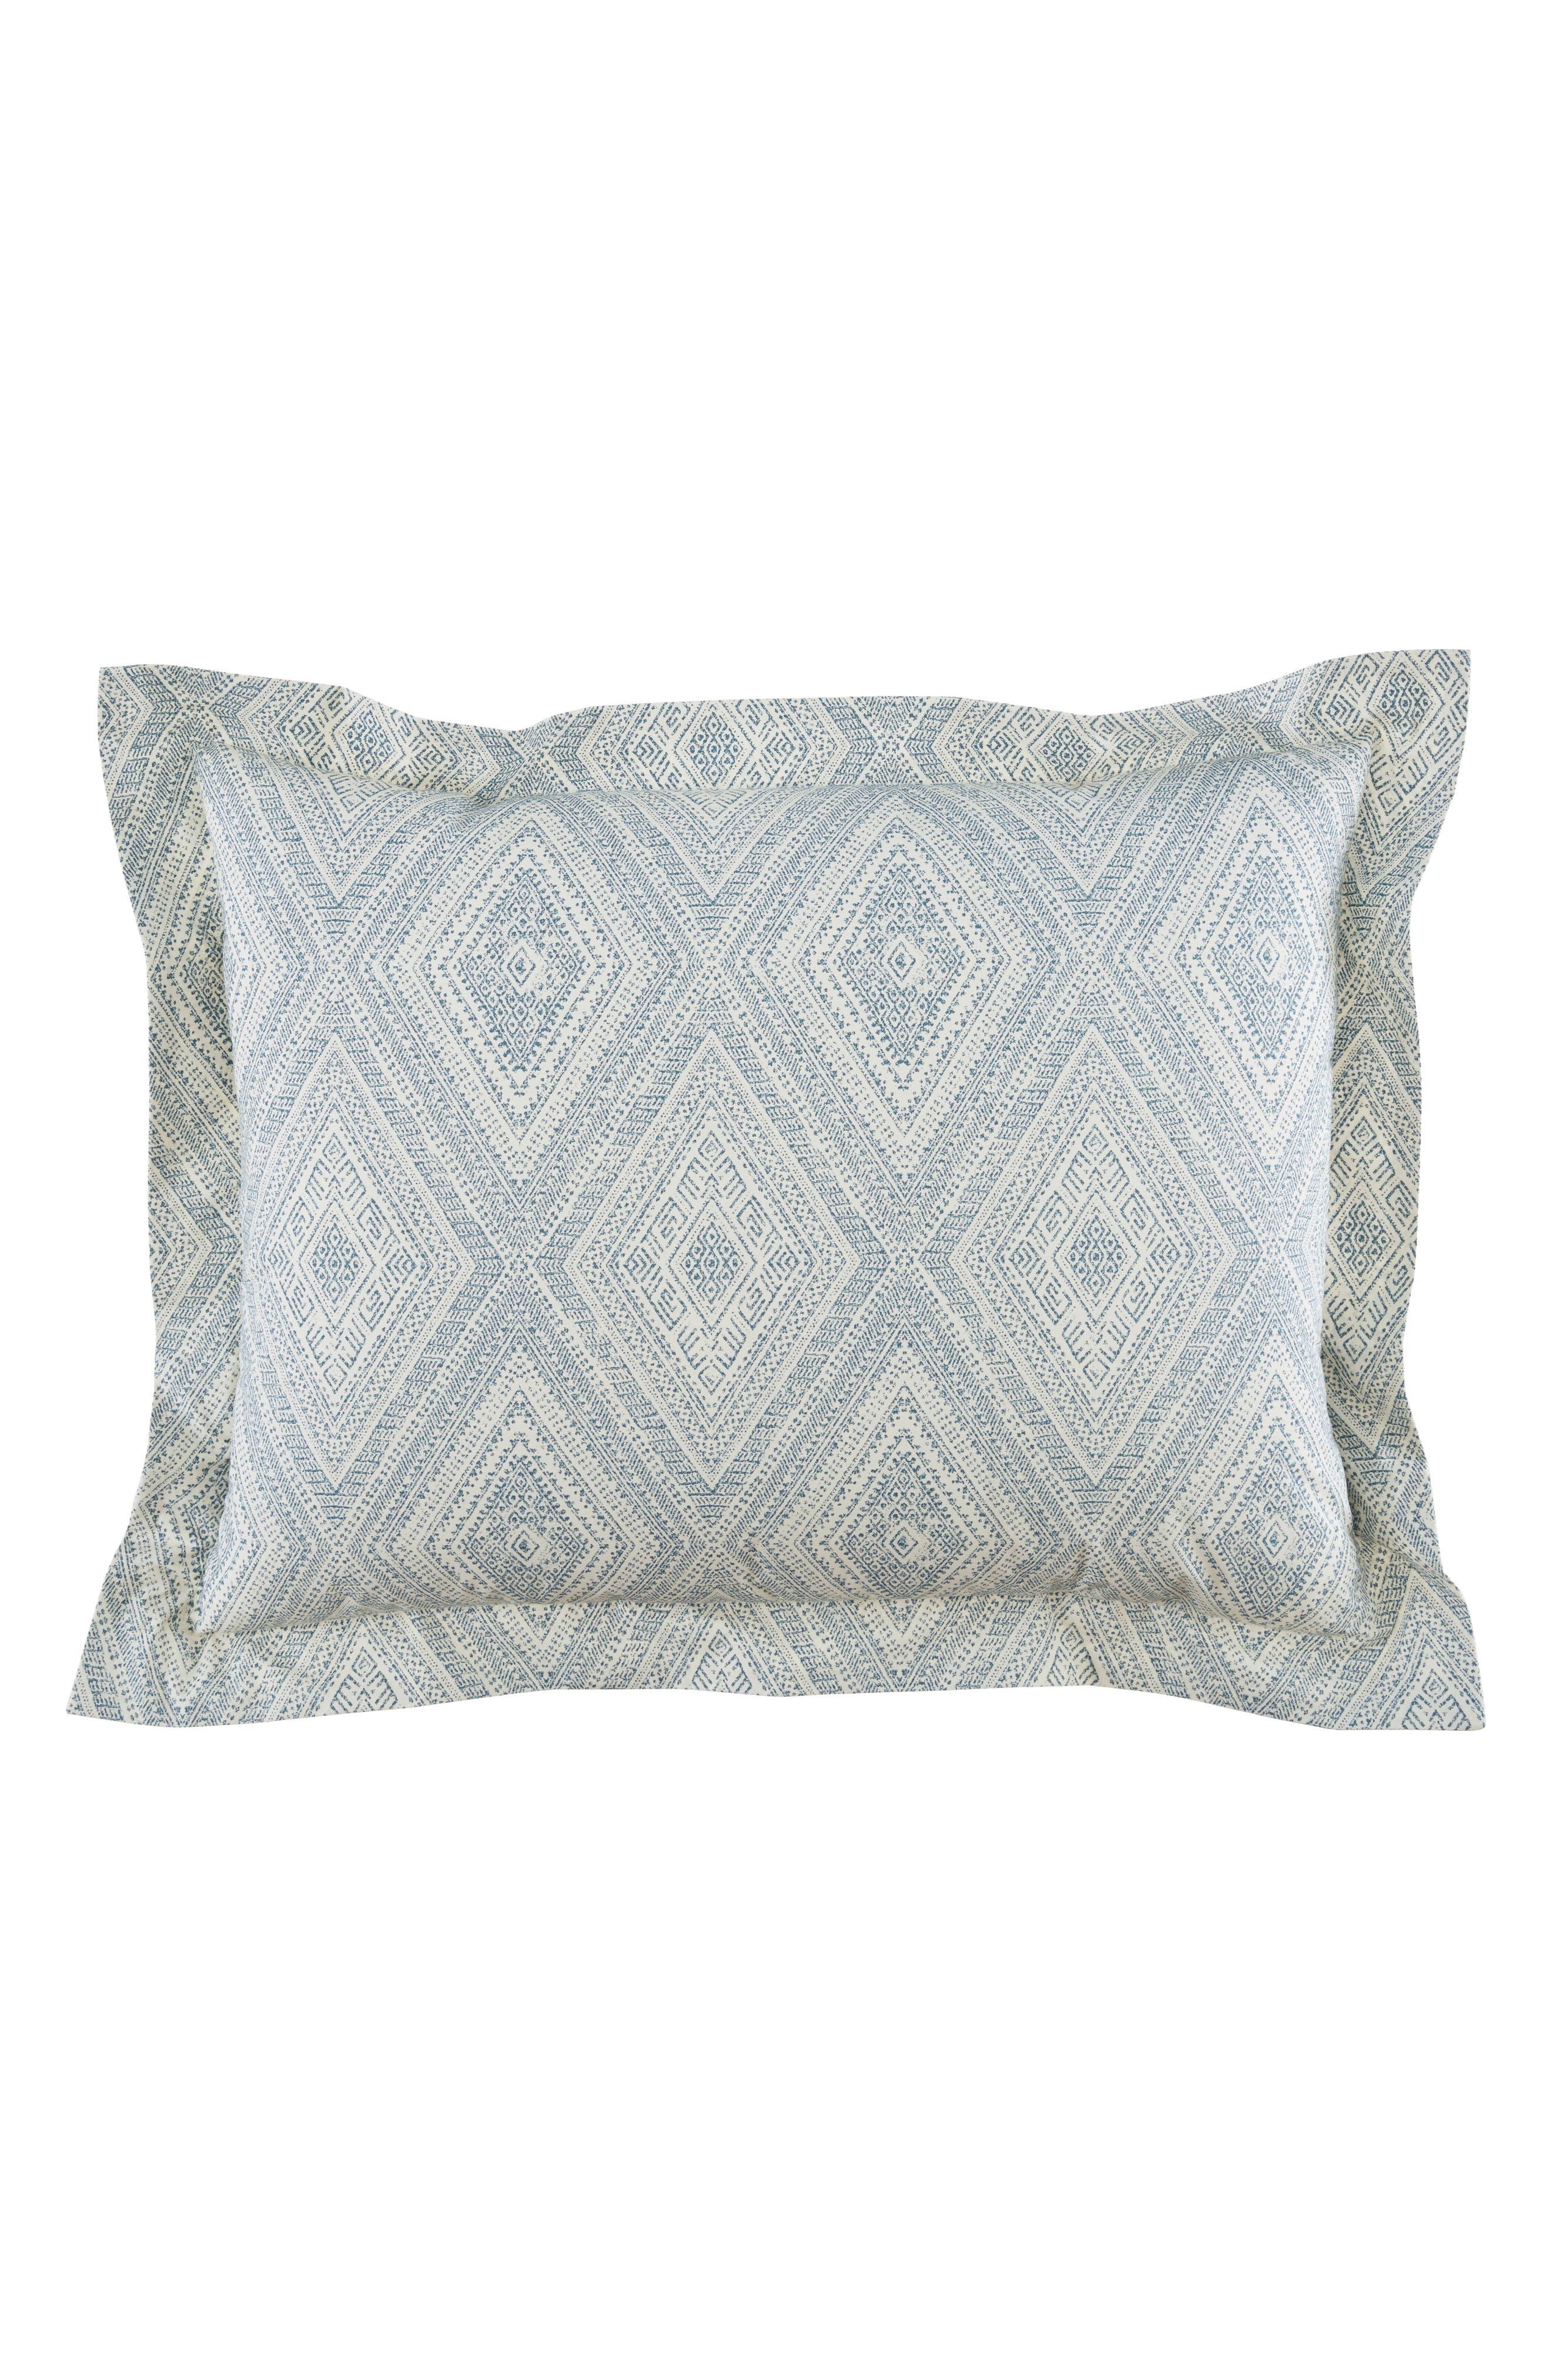 Caspiane 200 Thread Count Pair of Pillow Shams,                         Main,                         color, Turquoise/ Aqua